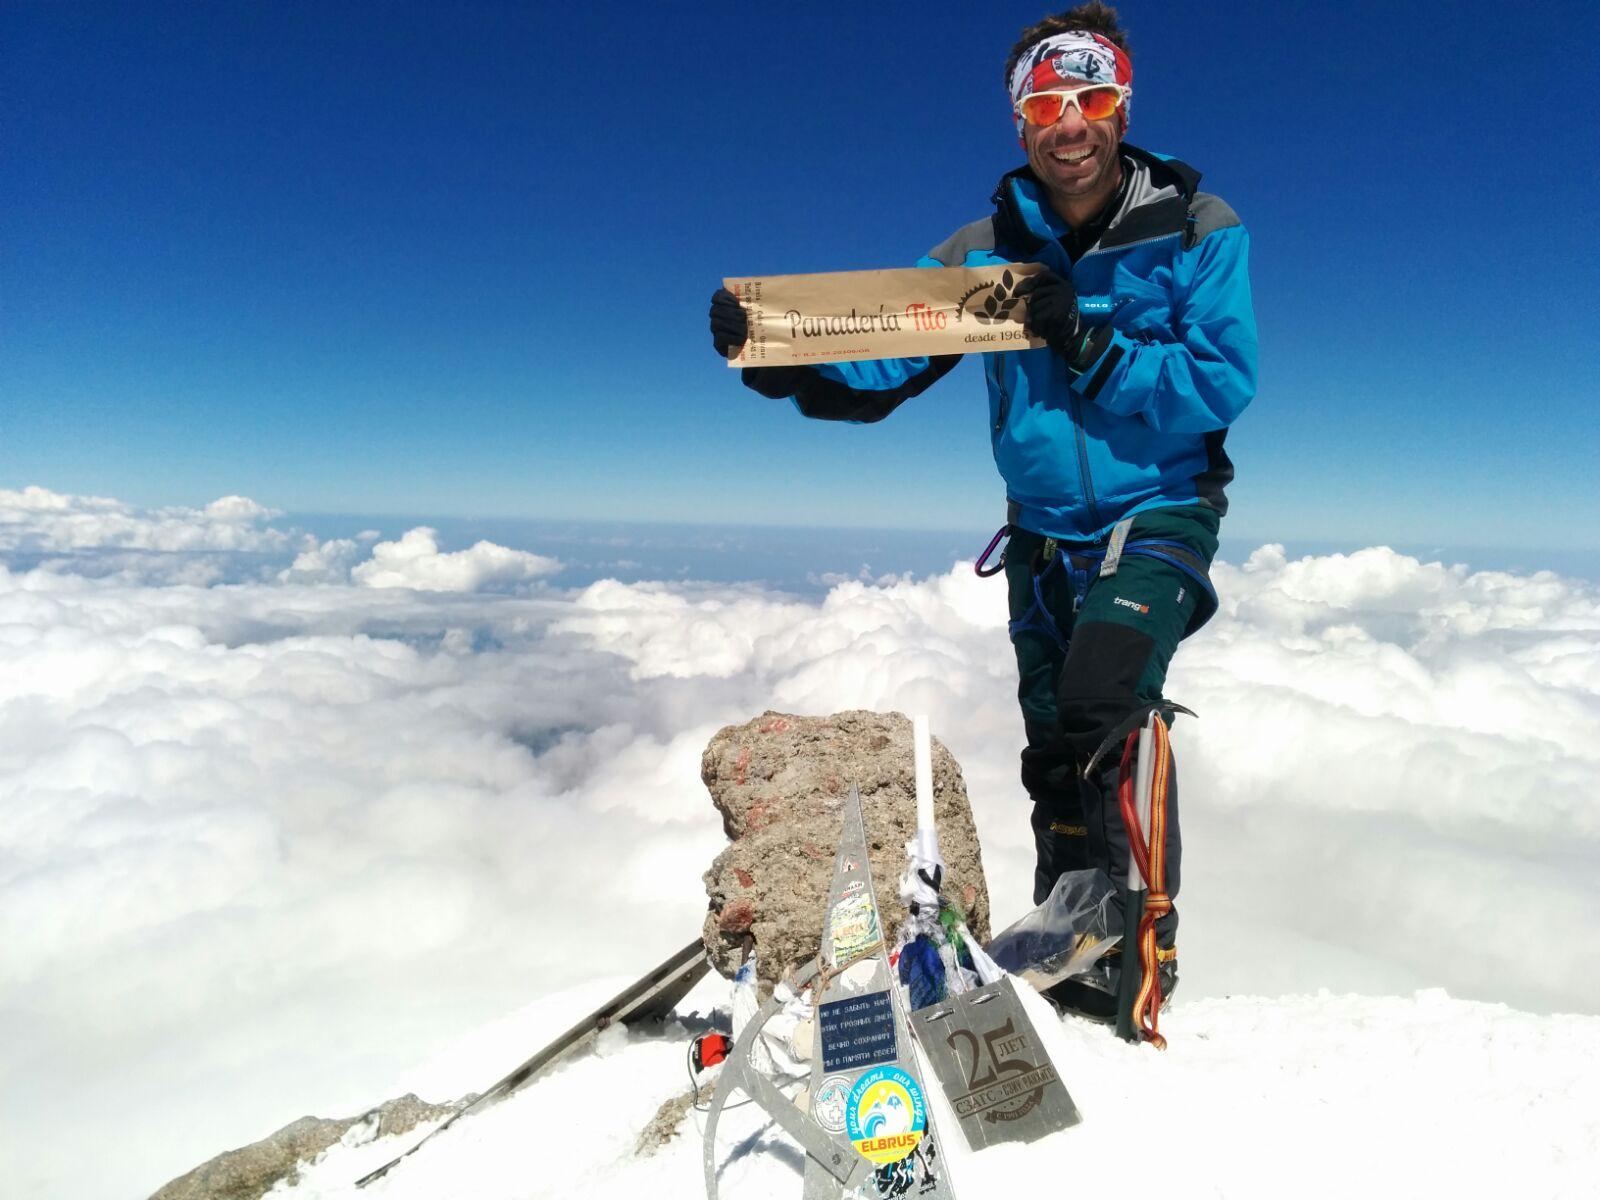 Panaderia Tito ha subido al Elbrus de la mano de nuestro amigo Rafael Calama